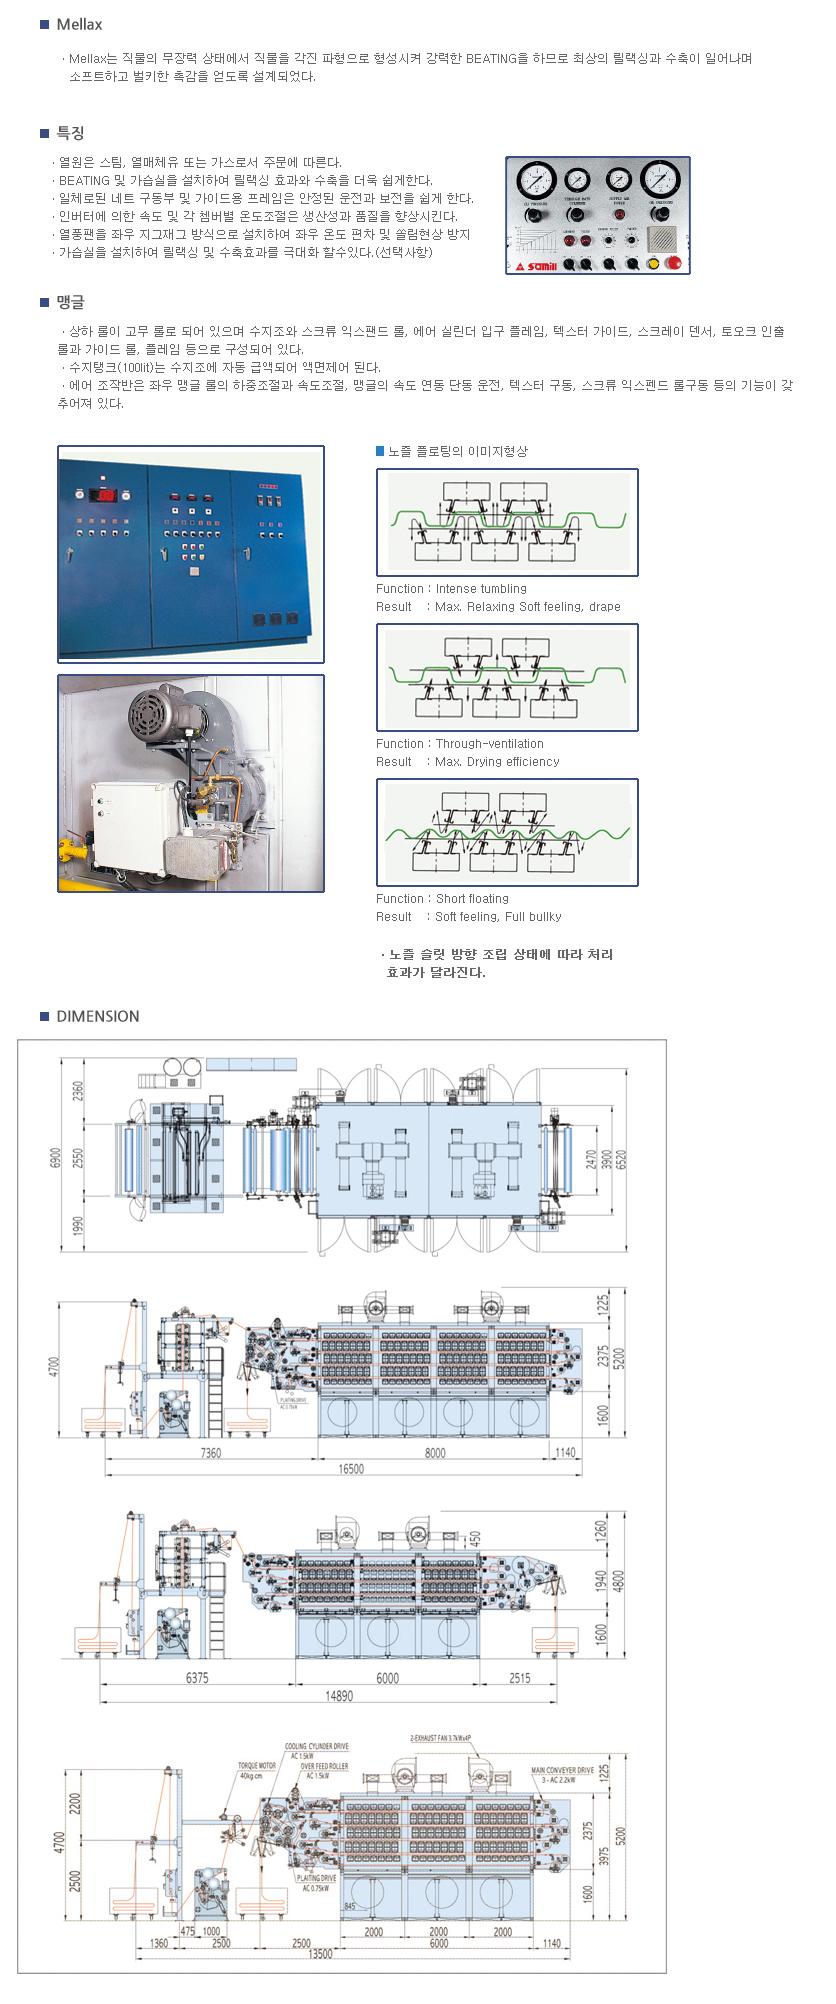 (주)삼일기계 네트 드라이어 Mellax 1